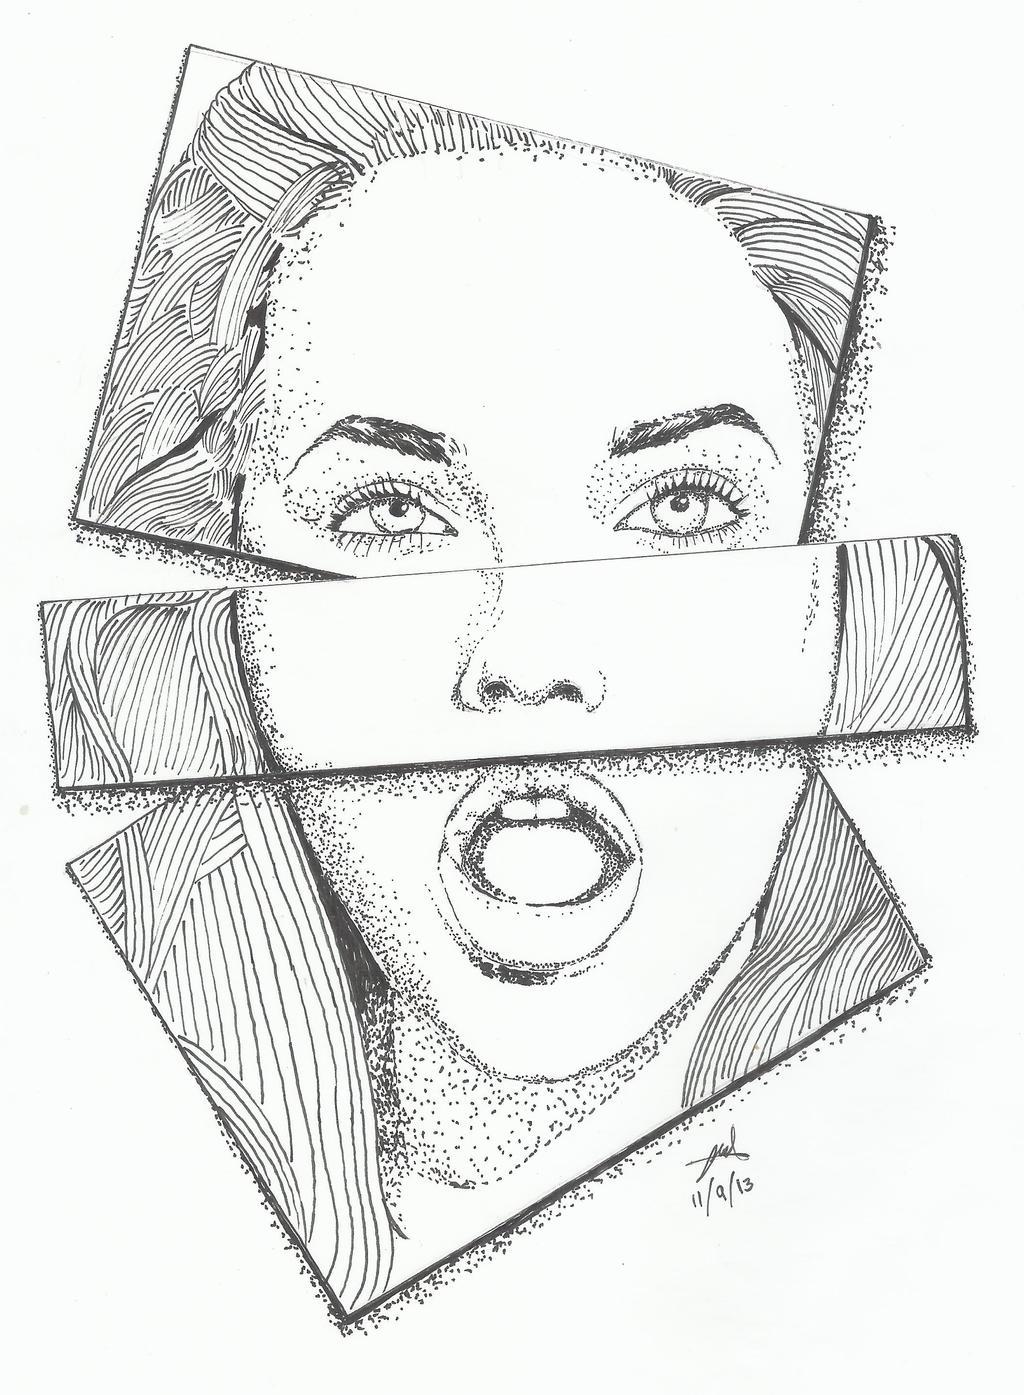 Barbara Palvin Illustration by chrspaul on DeviantArt